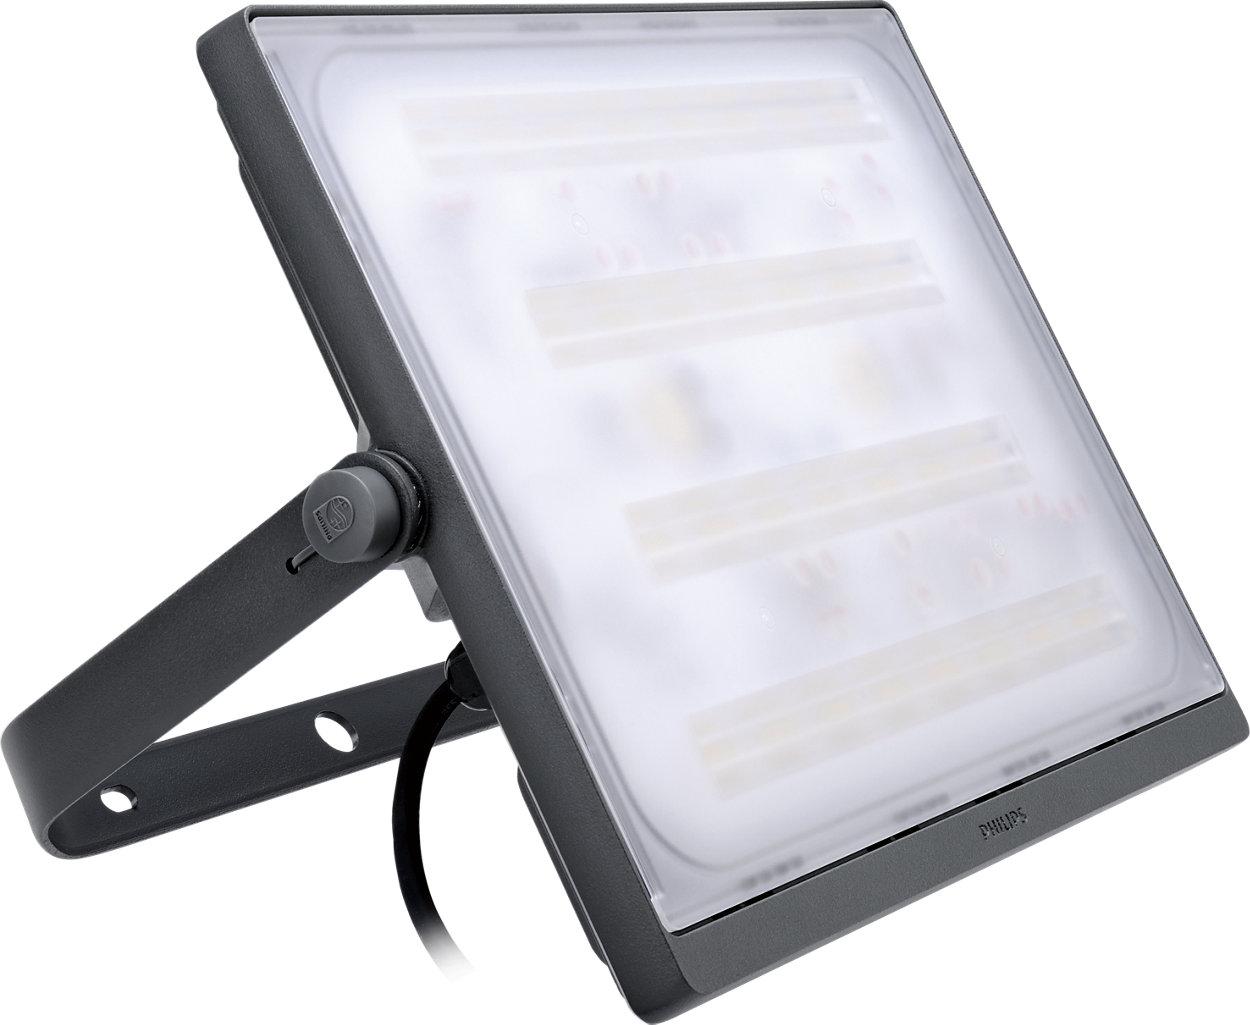 可靠的高效能 LED 投射燈